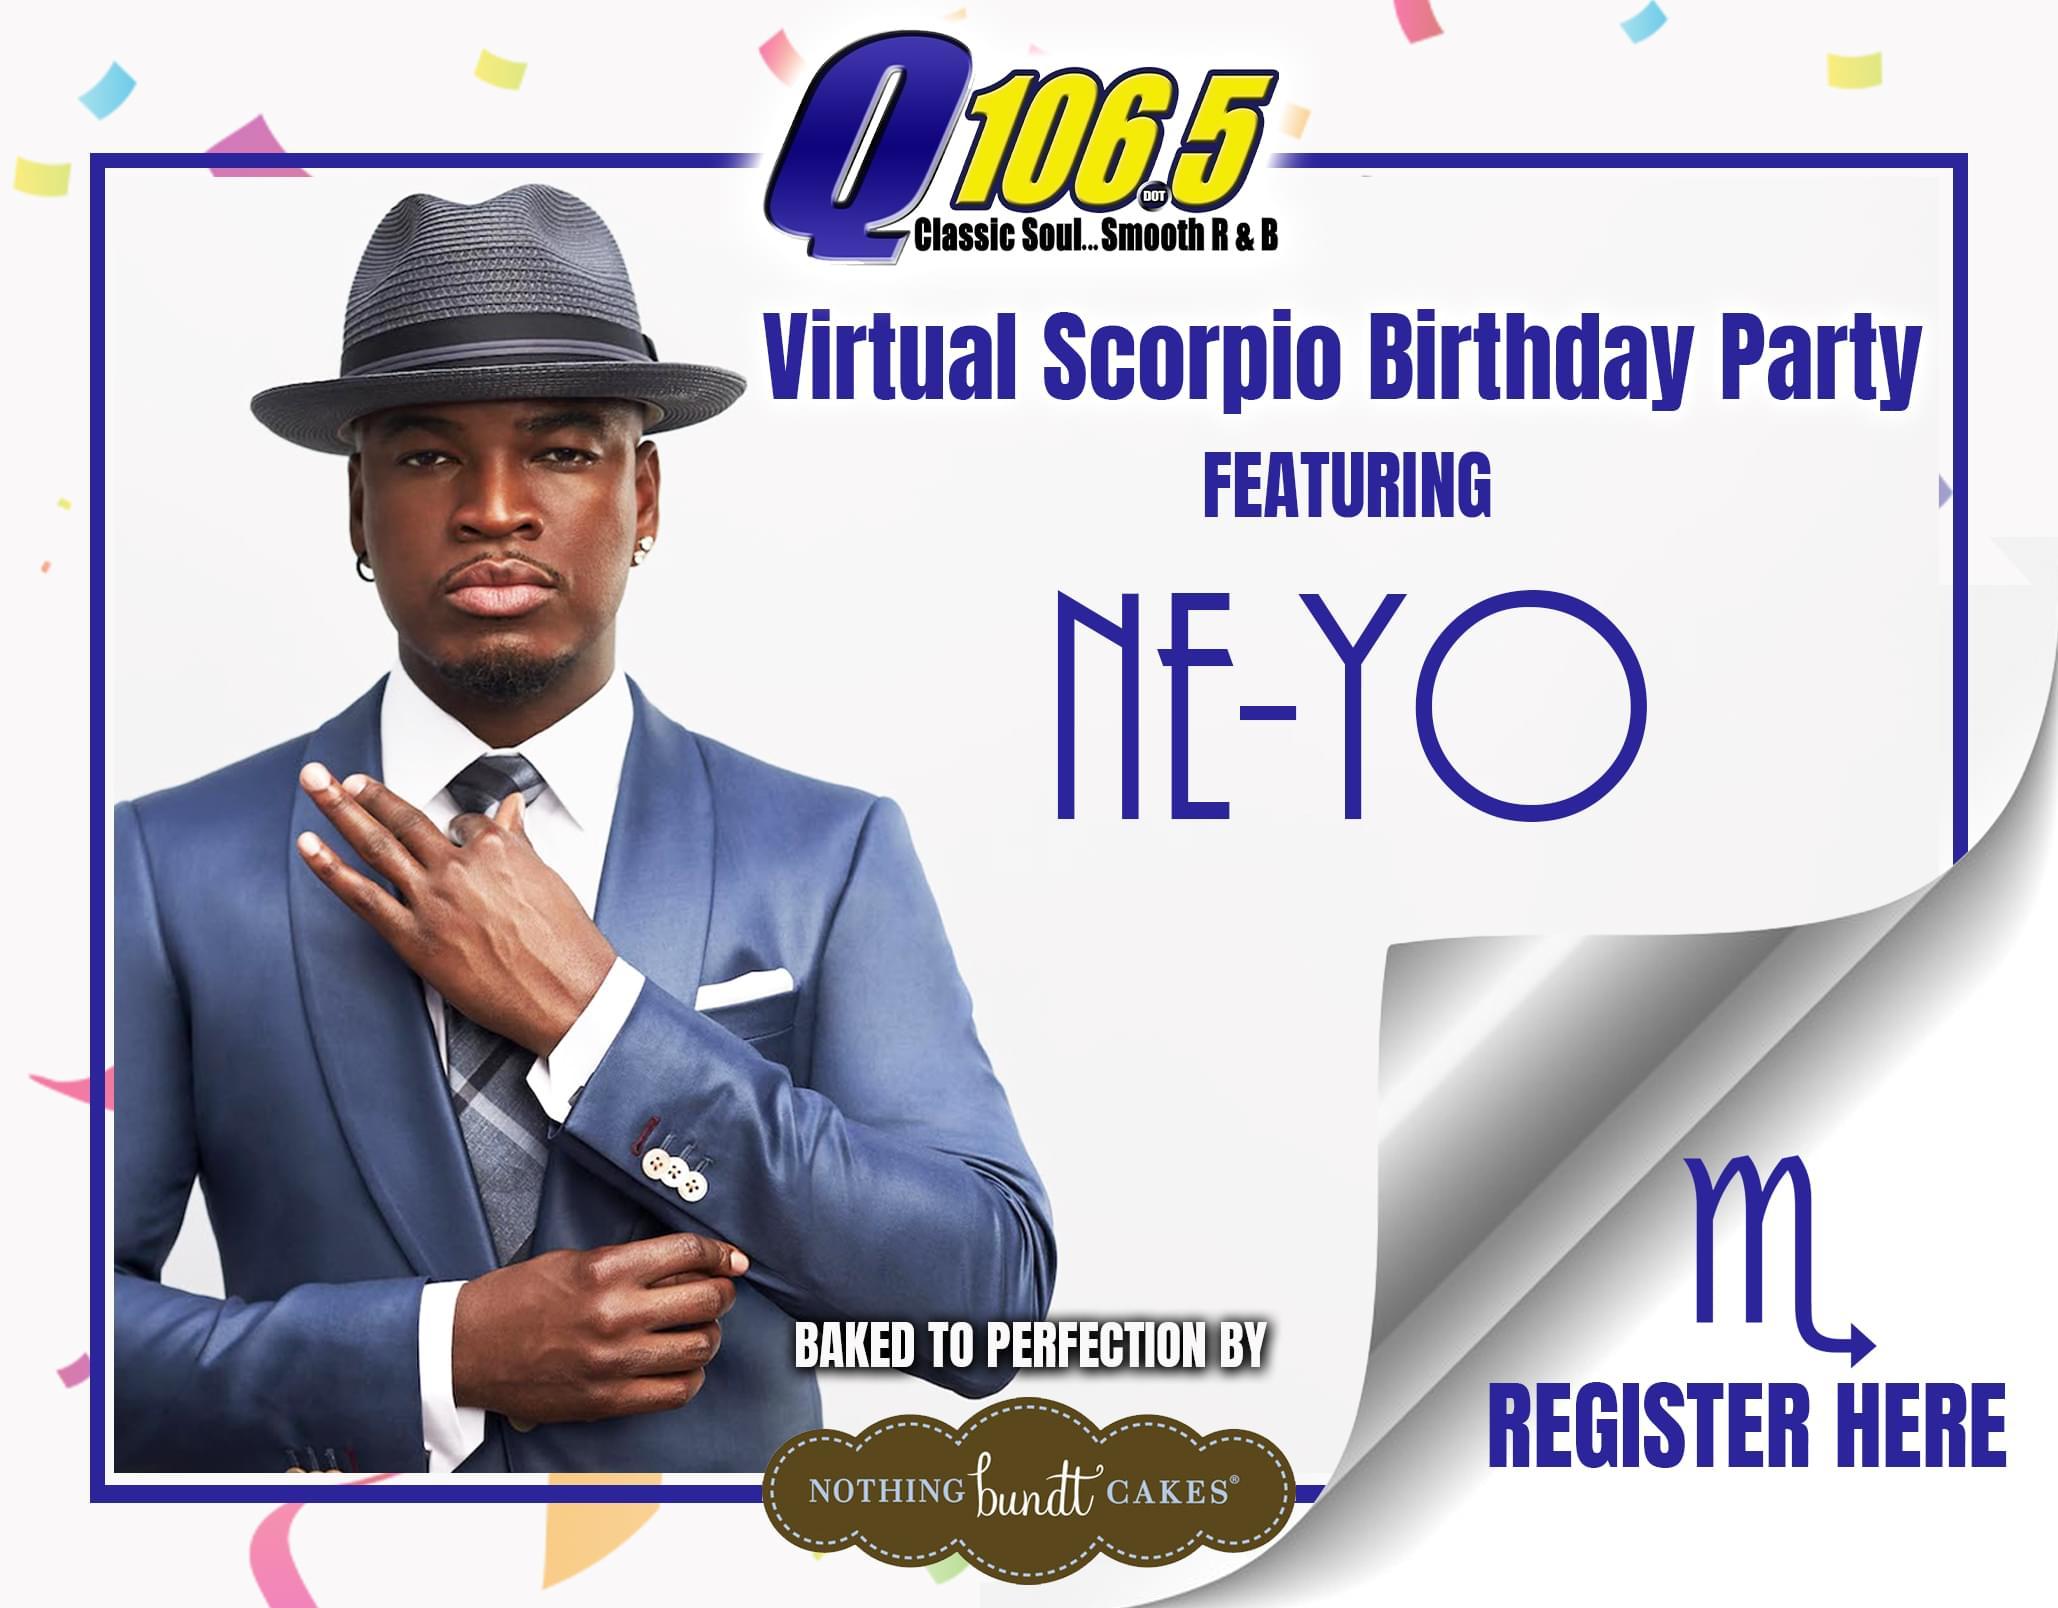 Virtual Scorpio Birthday Party